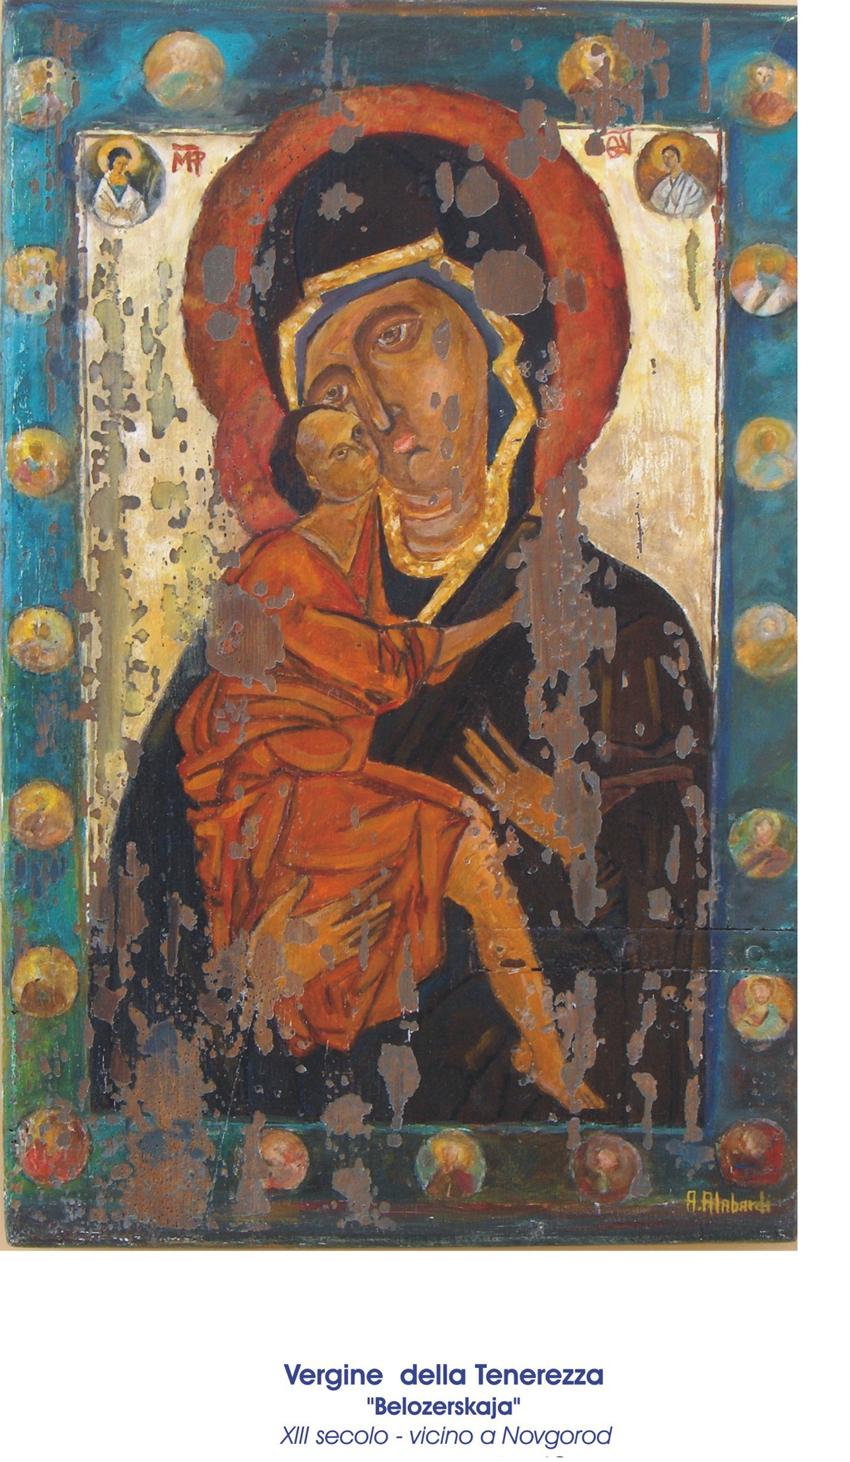 Le icone dipinte sugli scuri delle finestre di Aurelio Alabardi in mostra a Sirolo